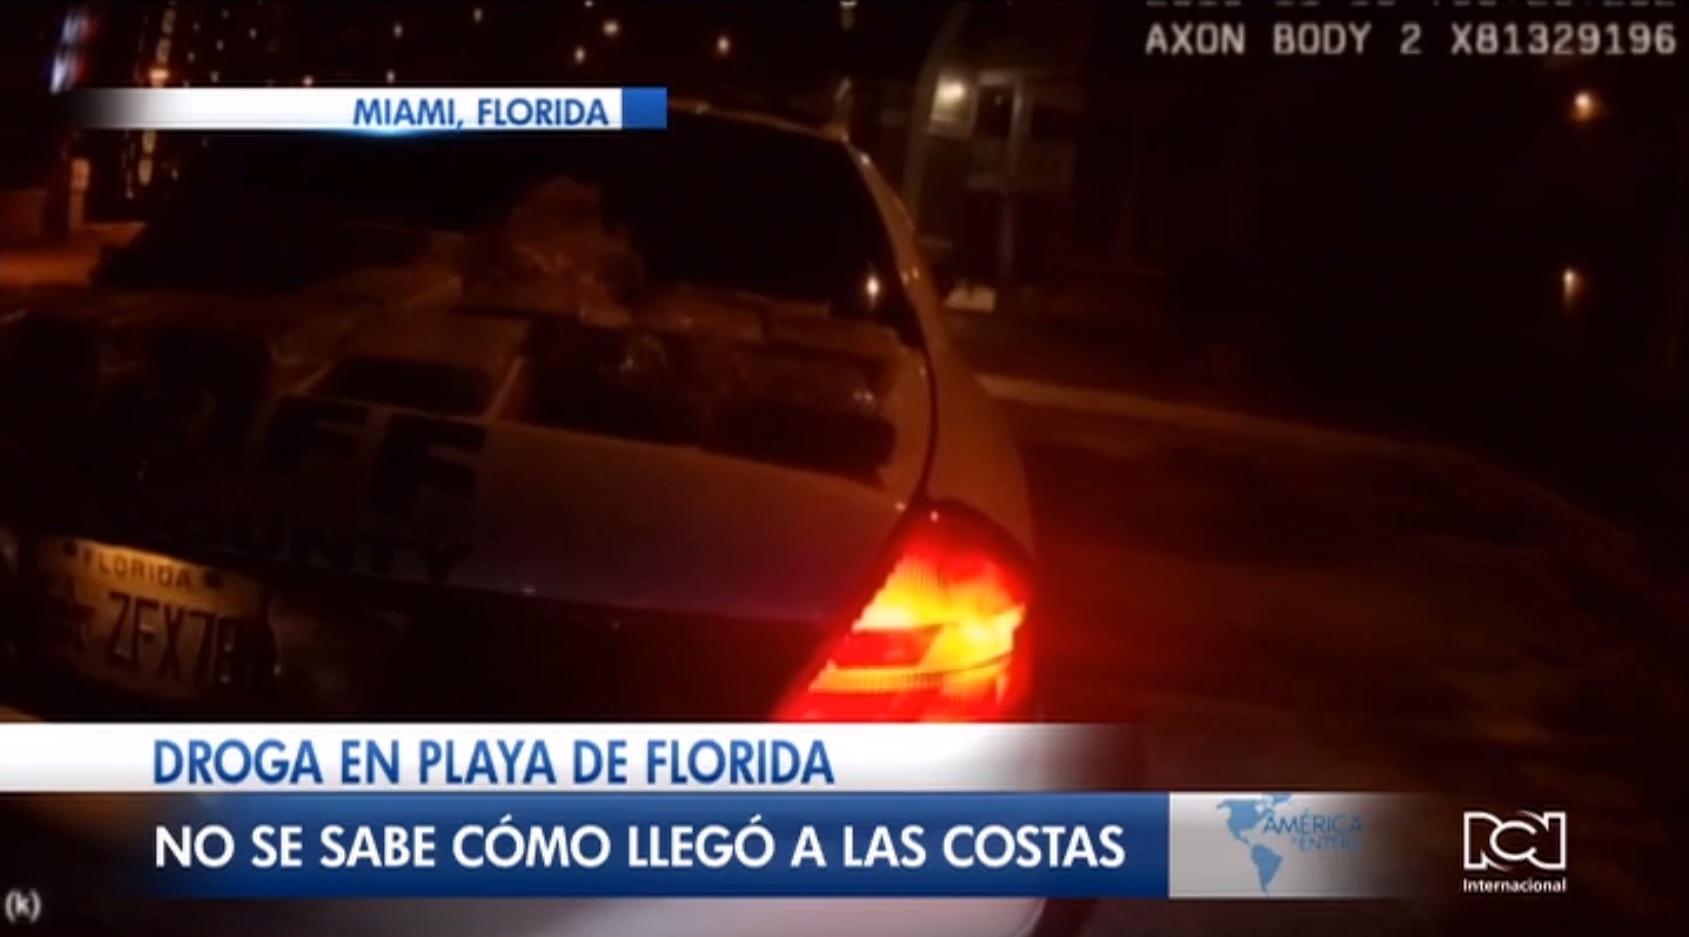 Encuentran 14 kilos de droga en una playa de Florida